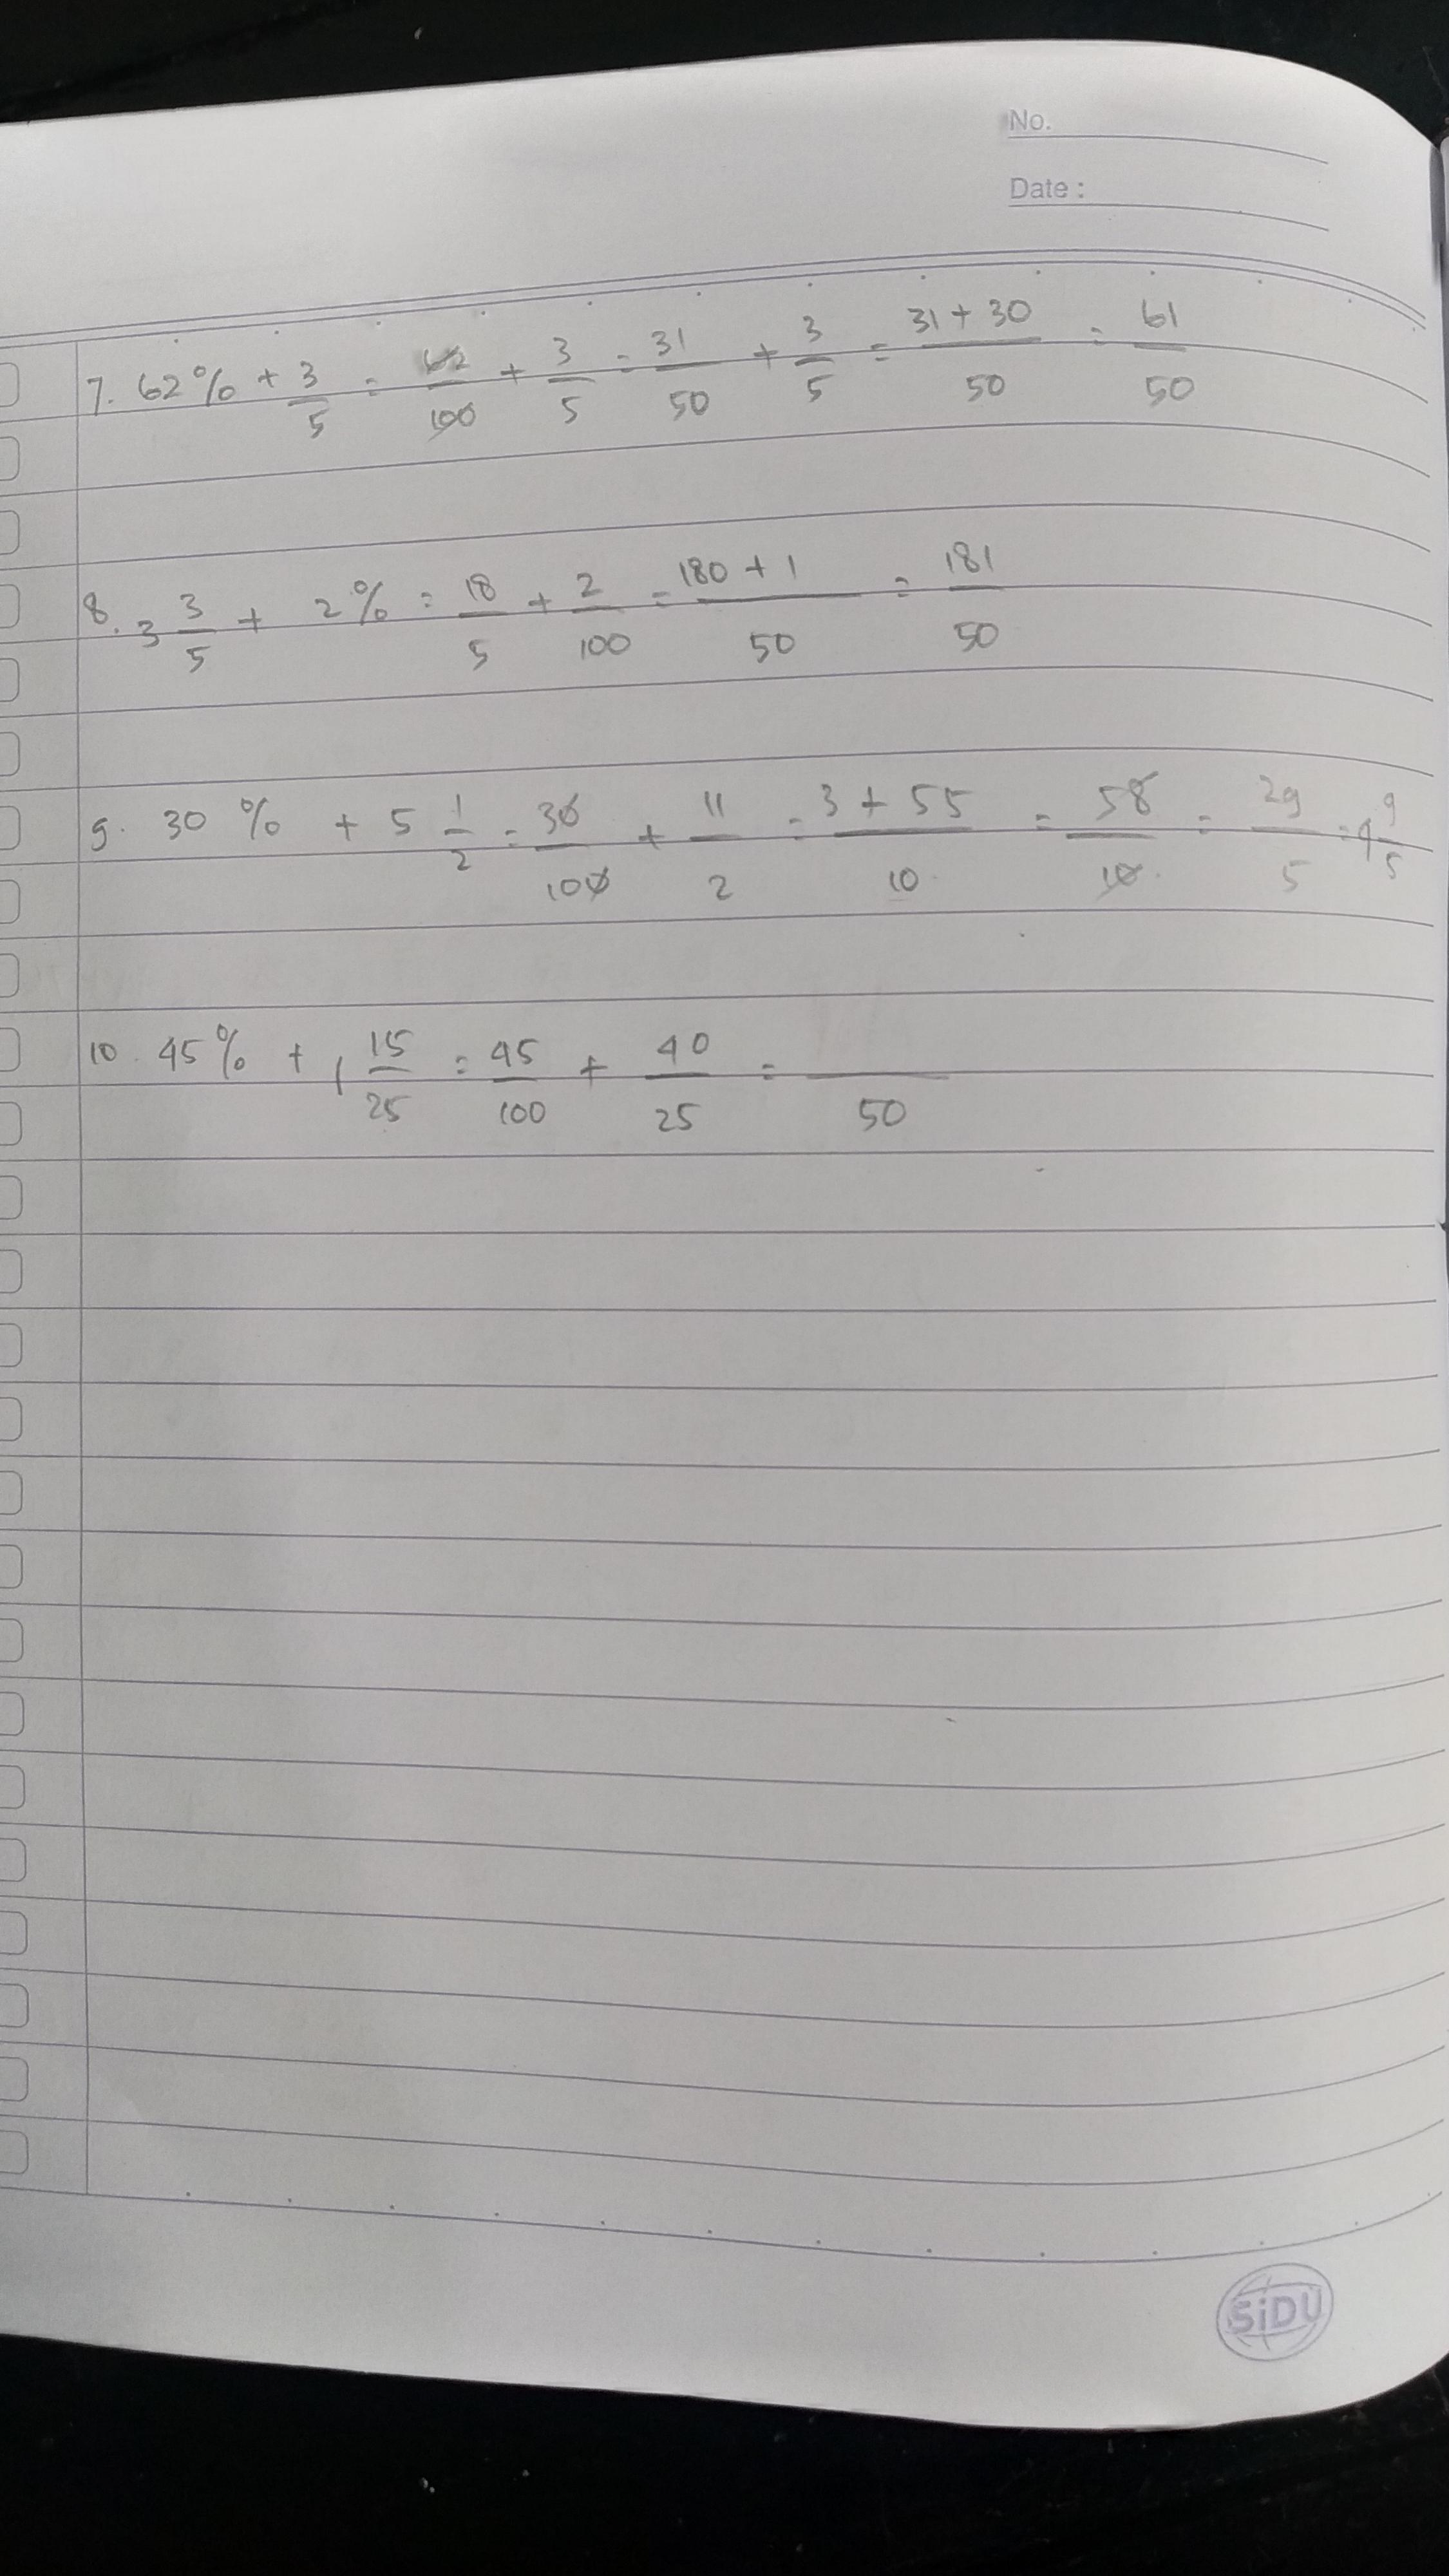 Soal matematika kelas 5 evaluasi diri 2. Kunci Jawaban Matematika Kelas 5 Halaman 10 Evaluasi Diri 2 Sanjau Soal Latihan